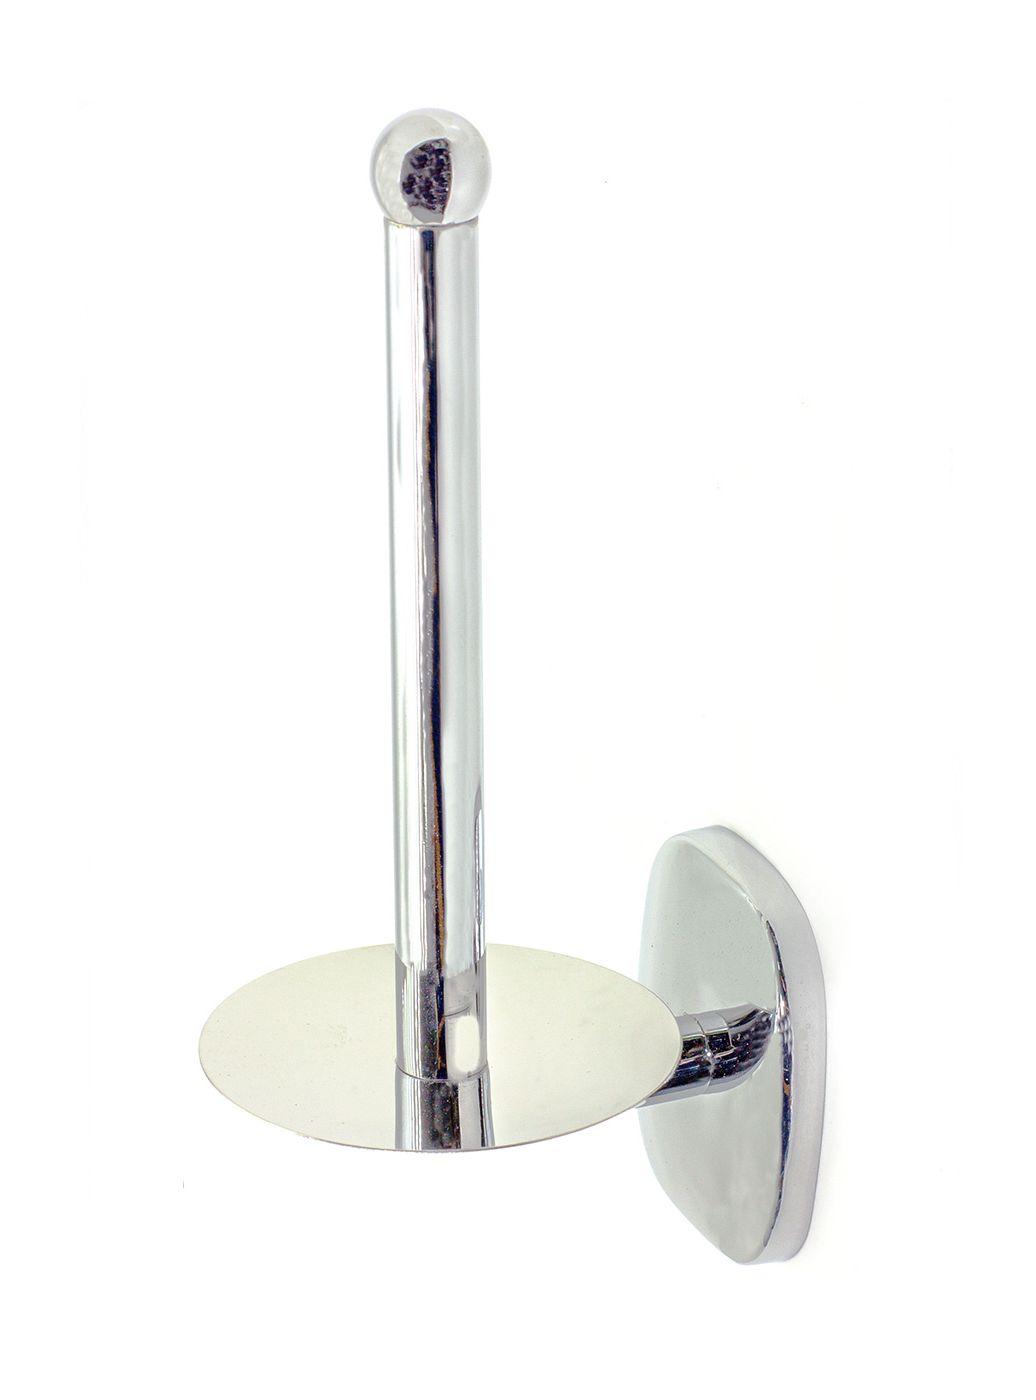 Держатель для туалетной бумаги (запасной рулон) Mr. Penguin